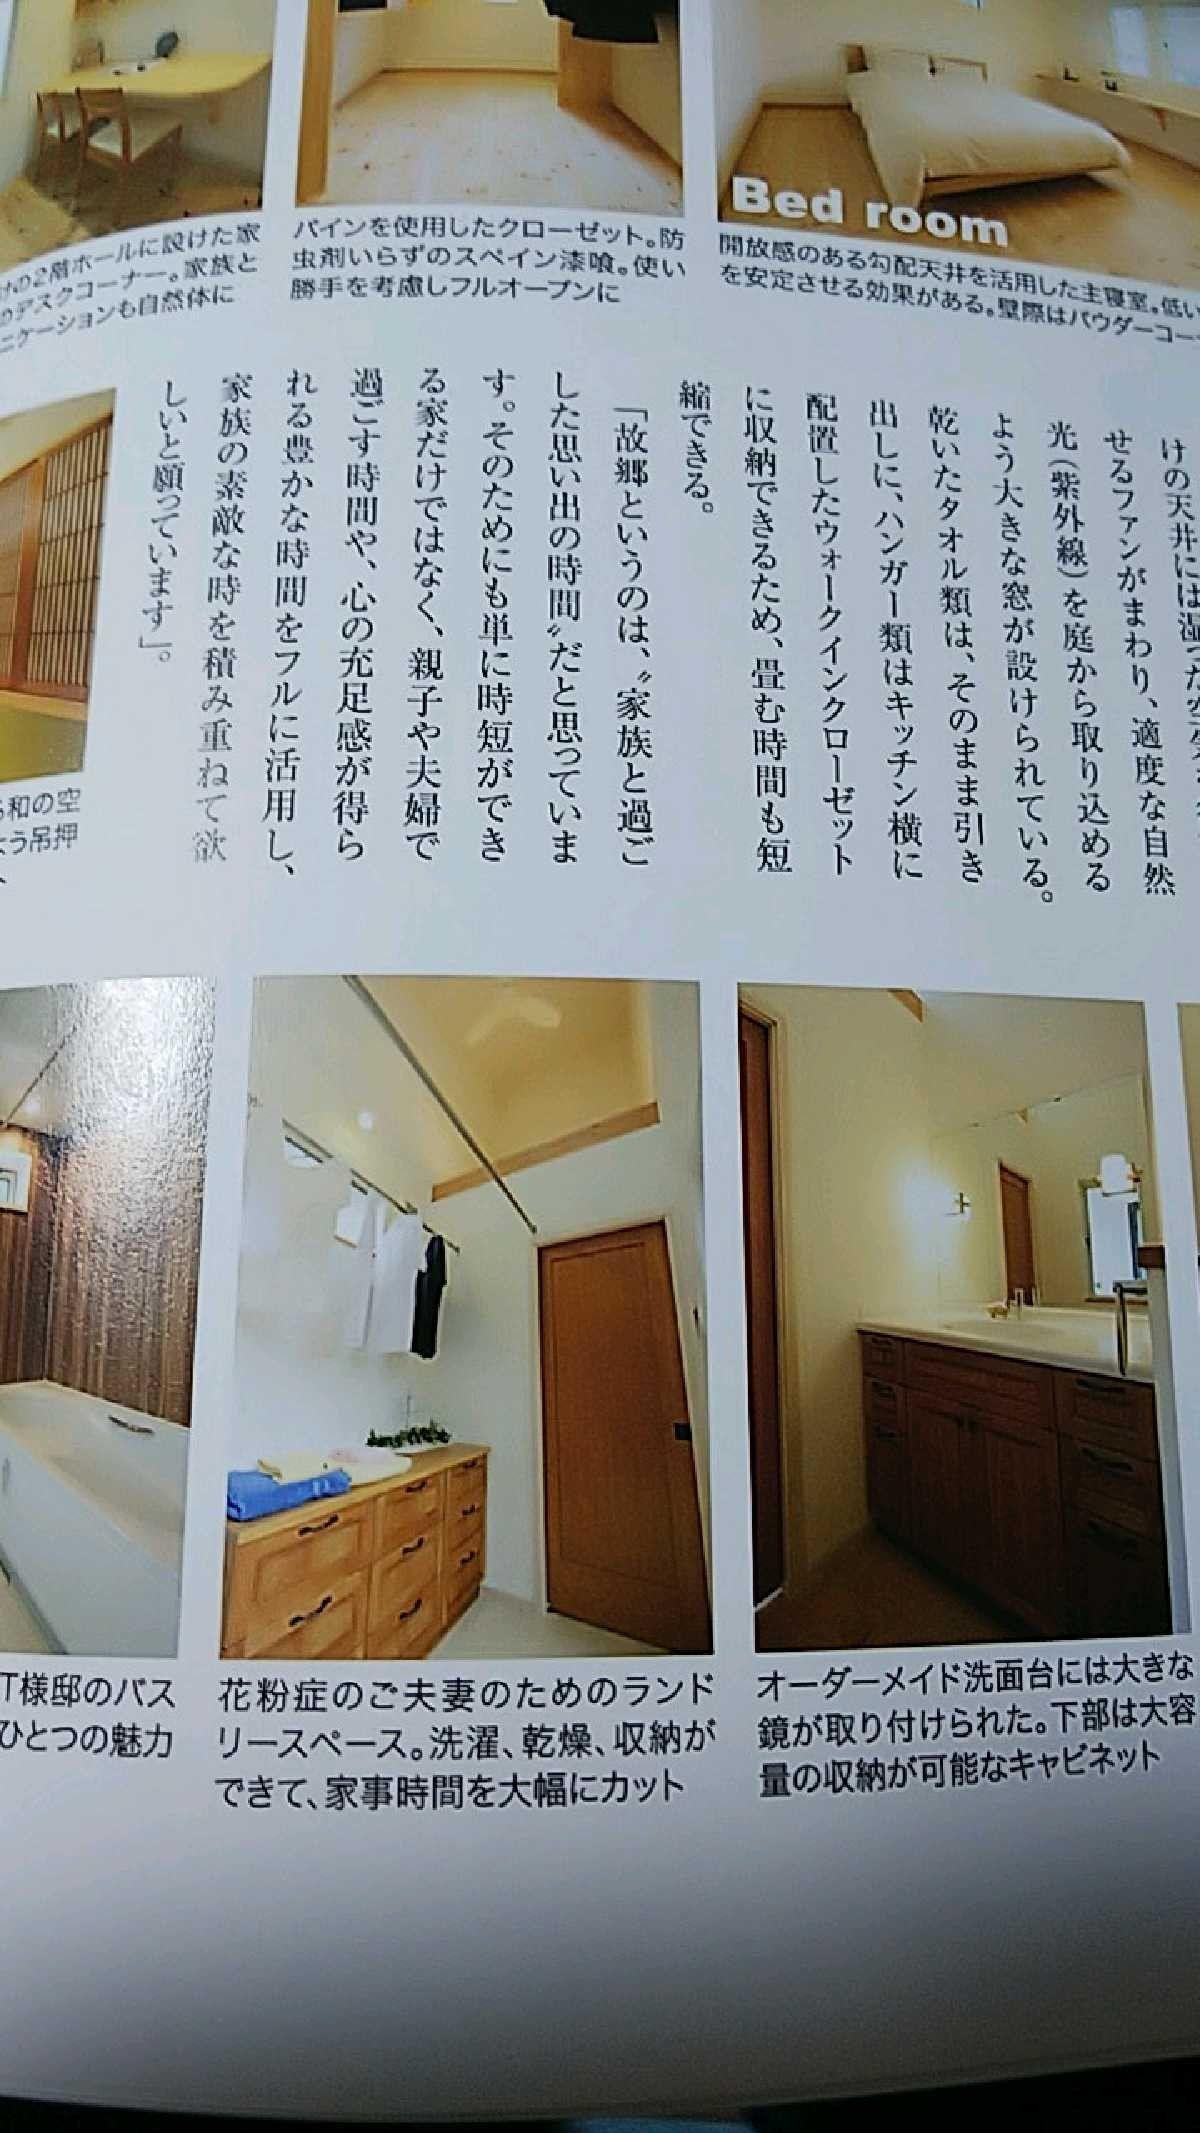 洗濯室 おしゃれまとめの人気アイデア Pinterest Jo 洗濯室 洗濯